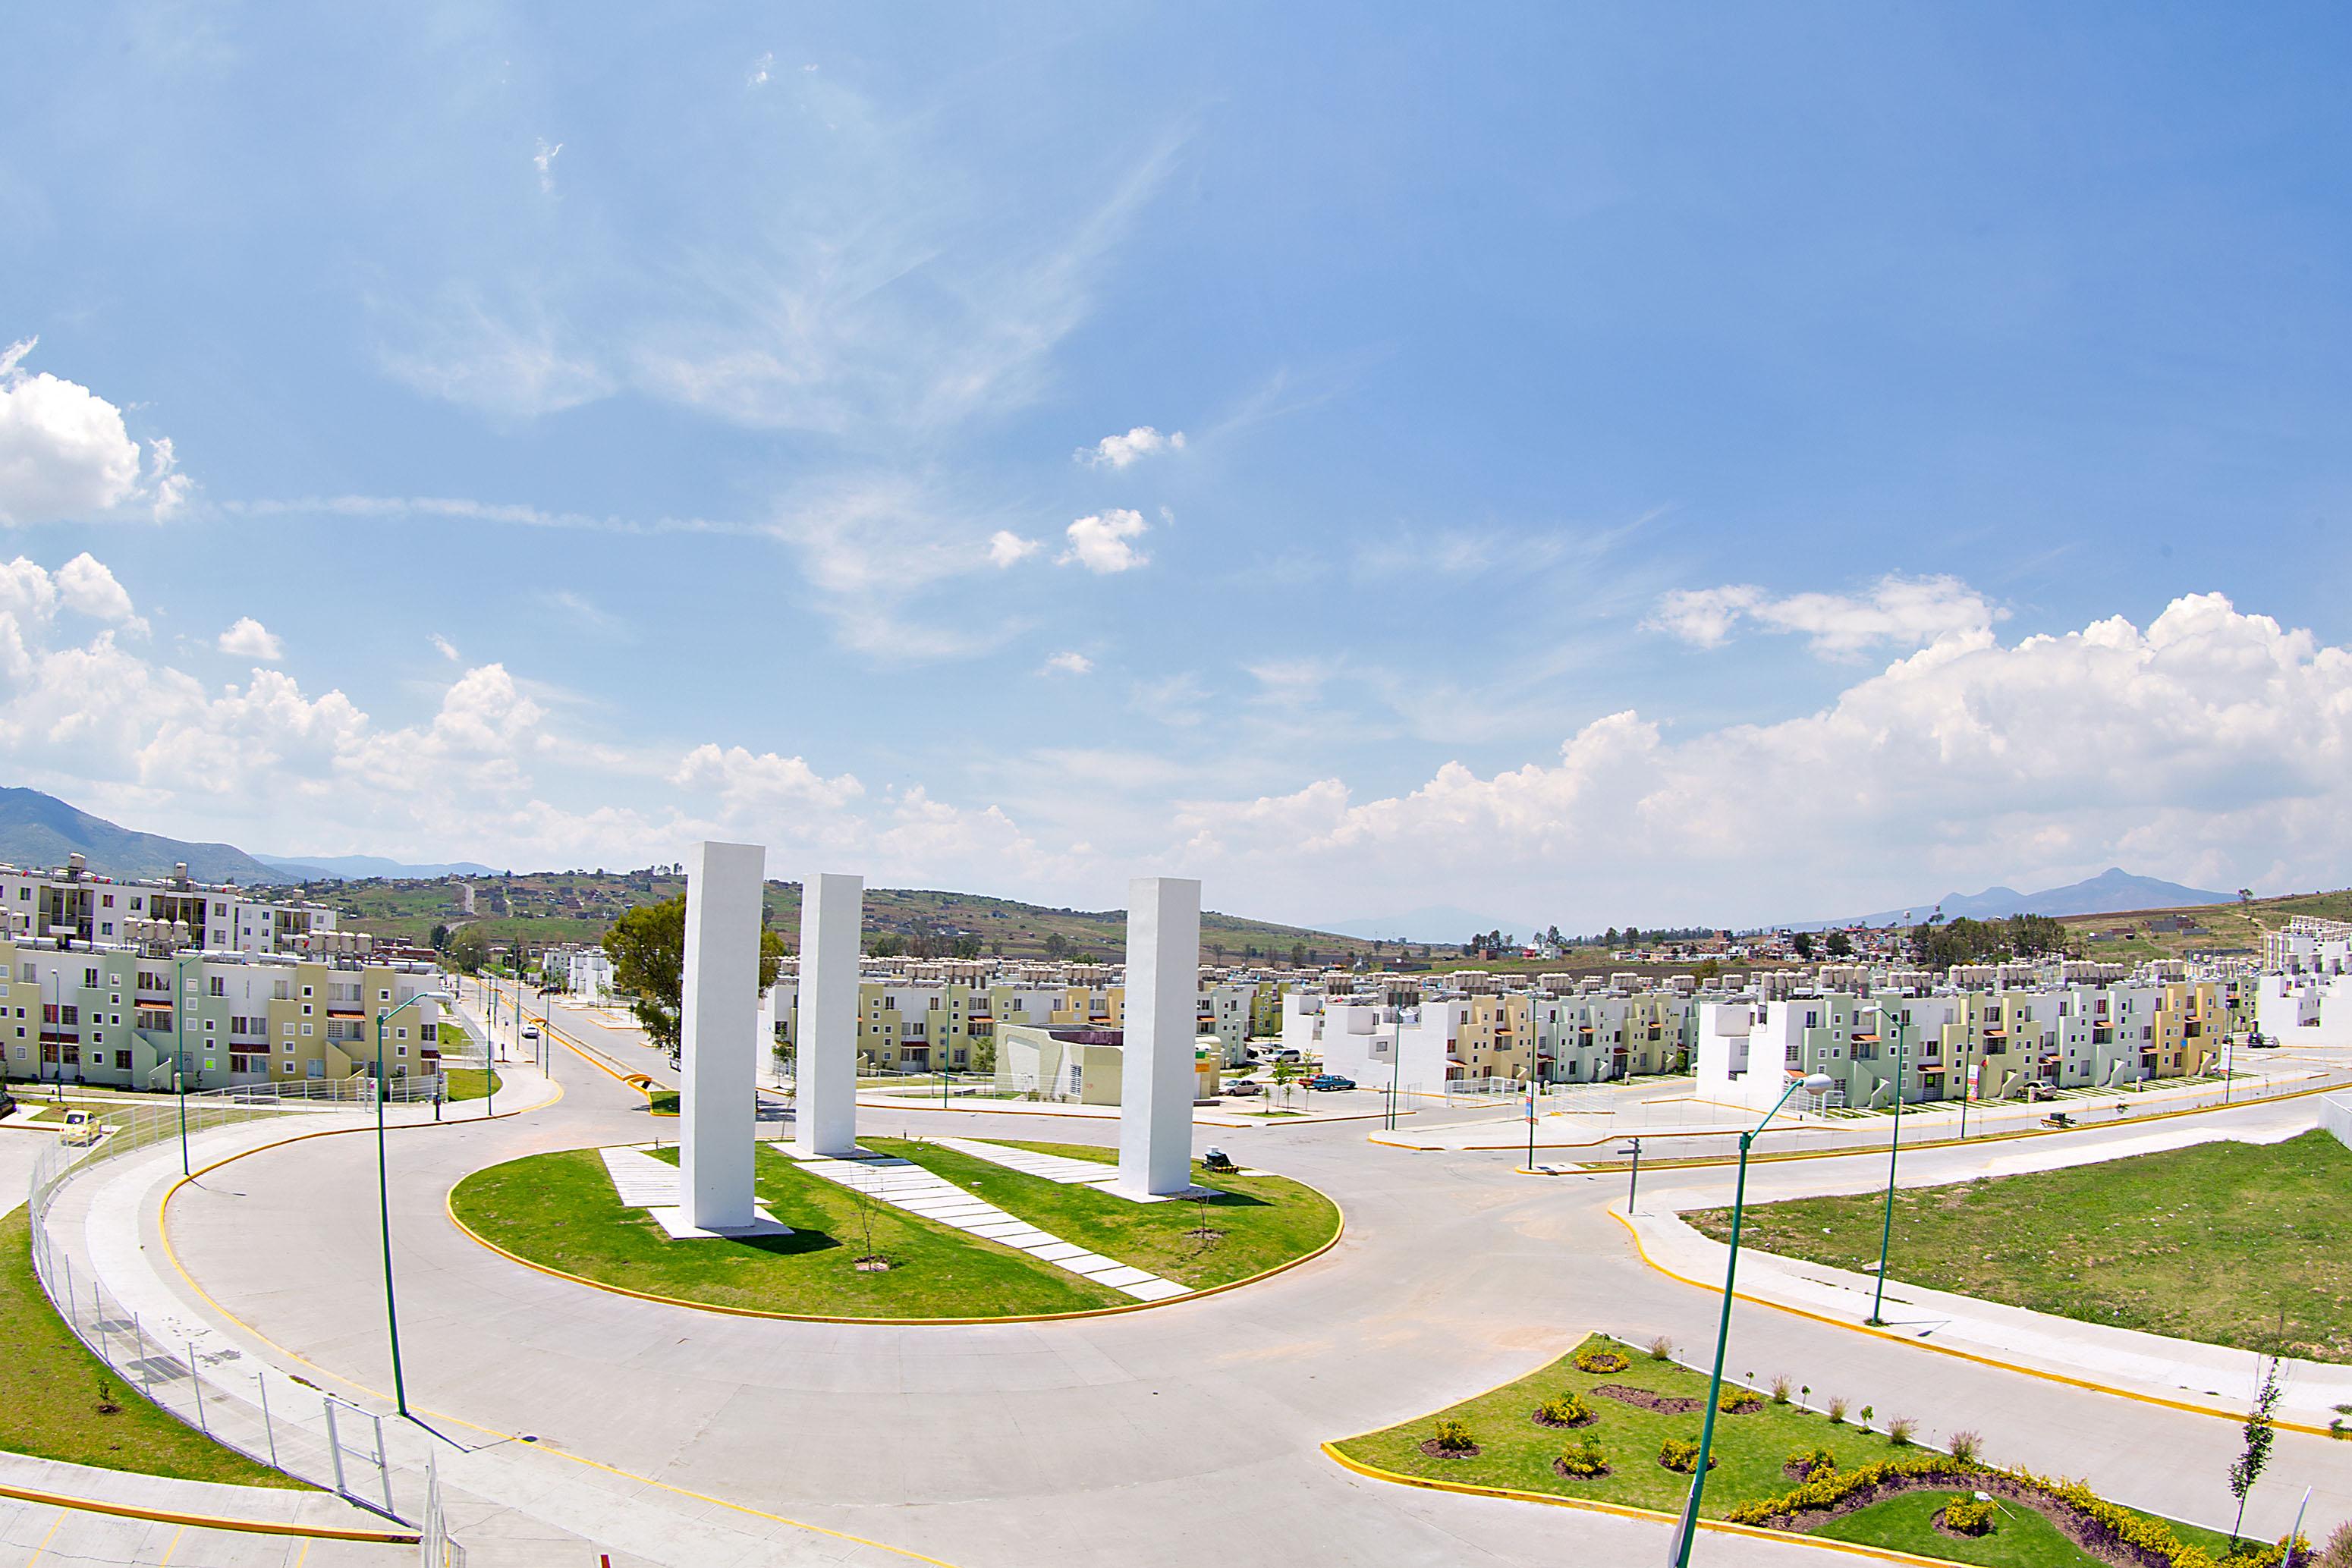 Imagen Urbana- Villas Oriente- Hogares Herso